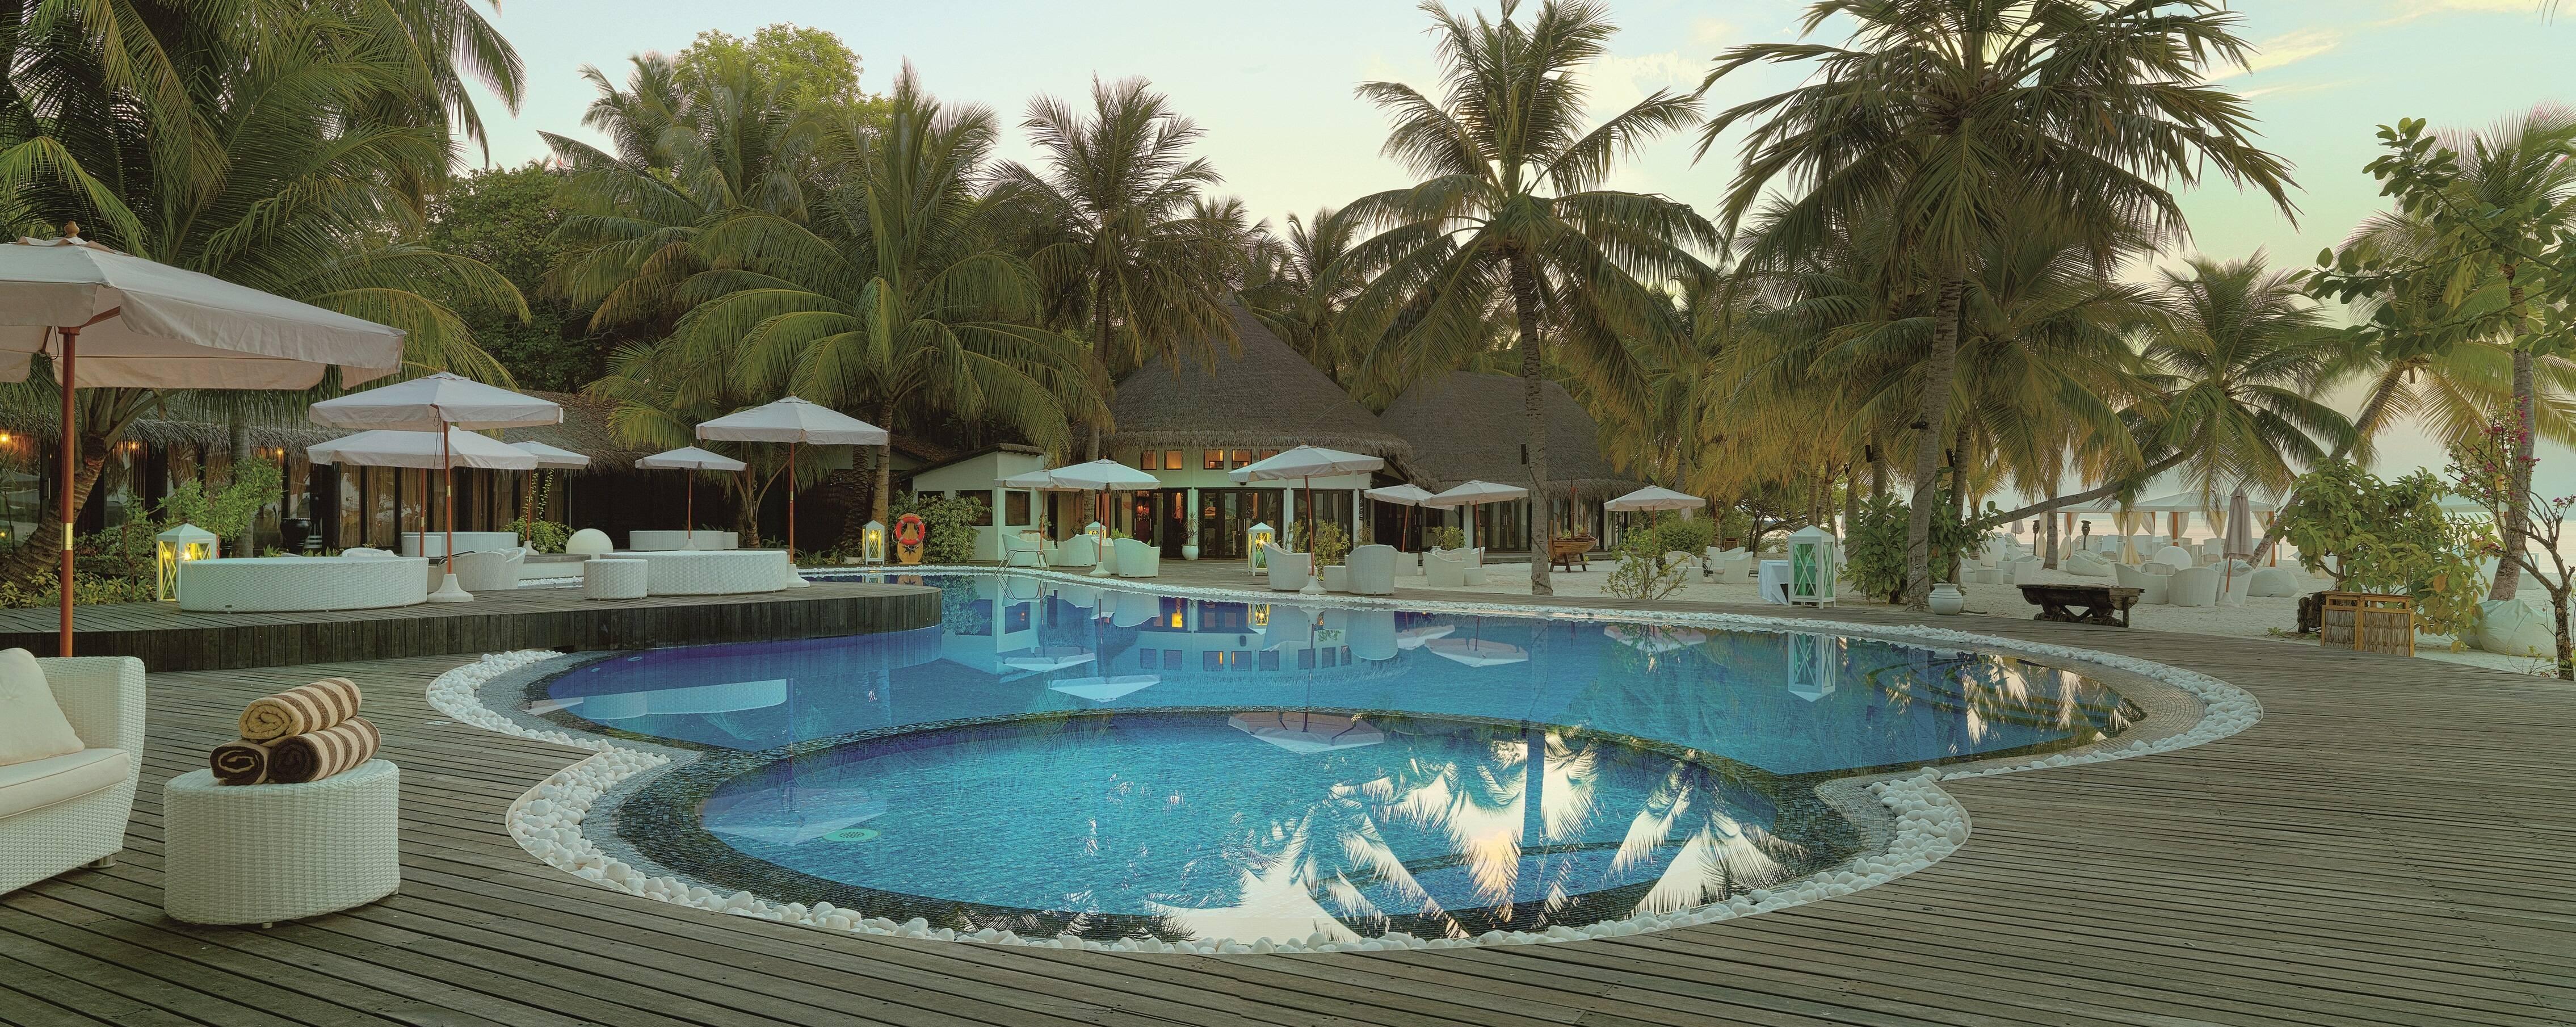 Kihaa Piscine Transat Maldives